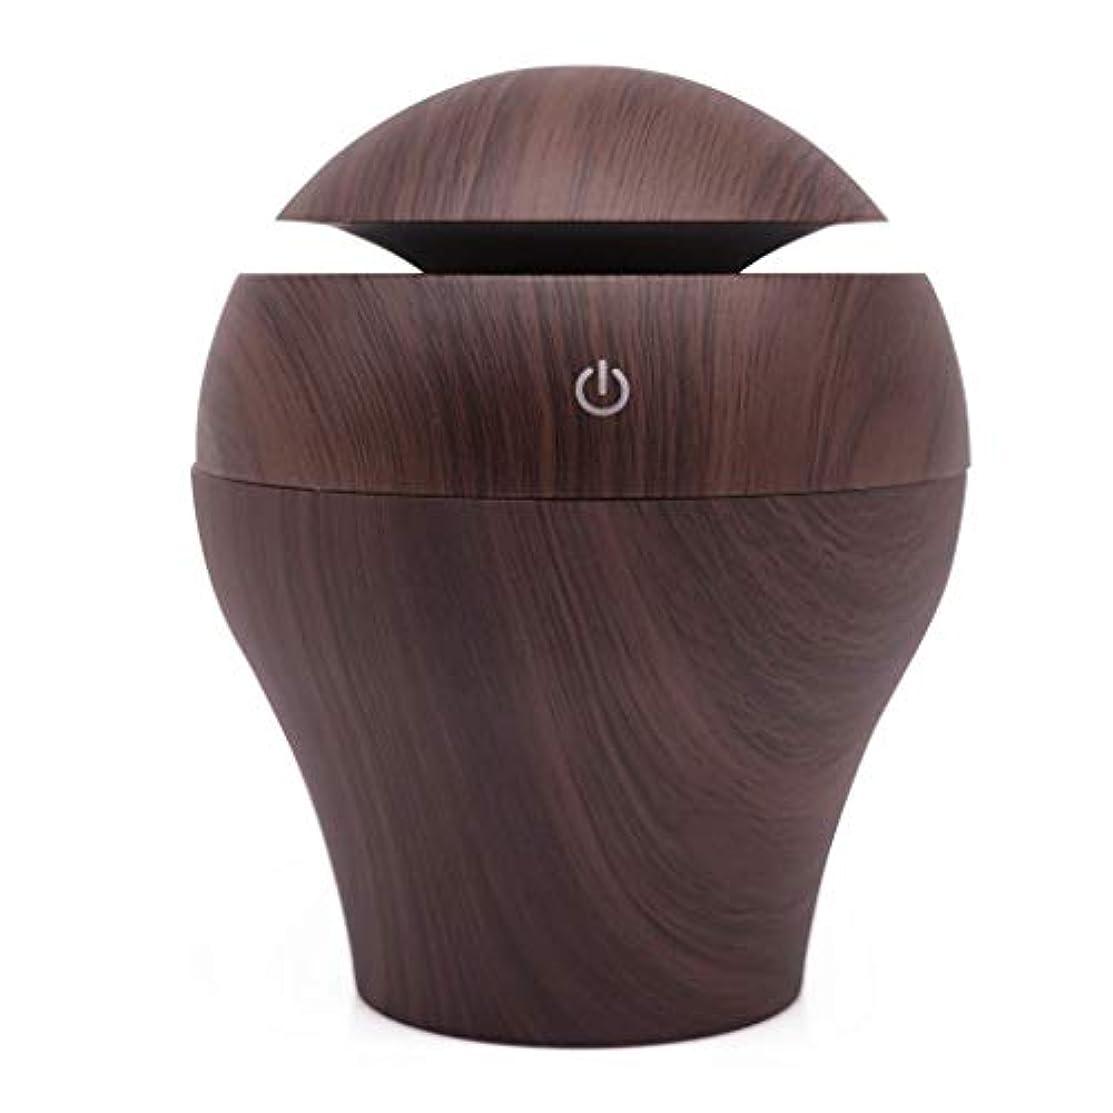 グラムボリューム梨アロマディフューザー250ミリリットルエッセンシャルオイルディフューザー電動超音波加湿器アロマ空気清浄機ウォーターレスオートオフ空気清浄機 (Color : Dark Wood Grain)